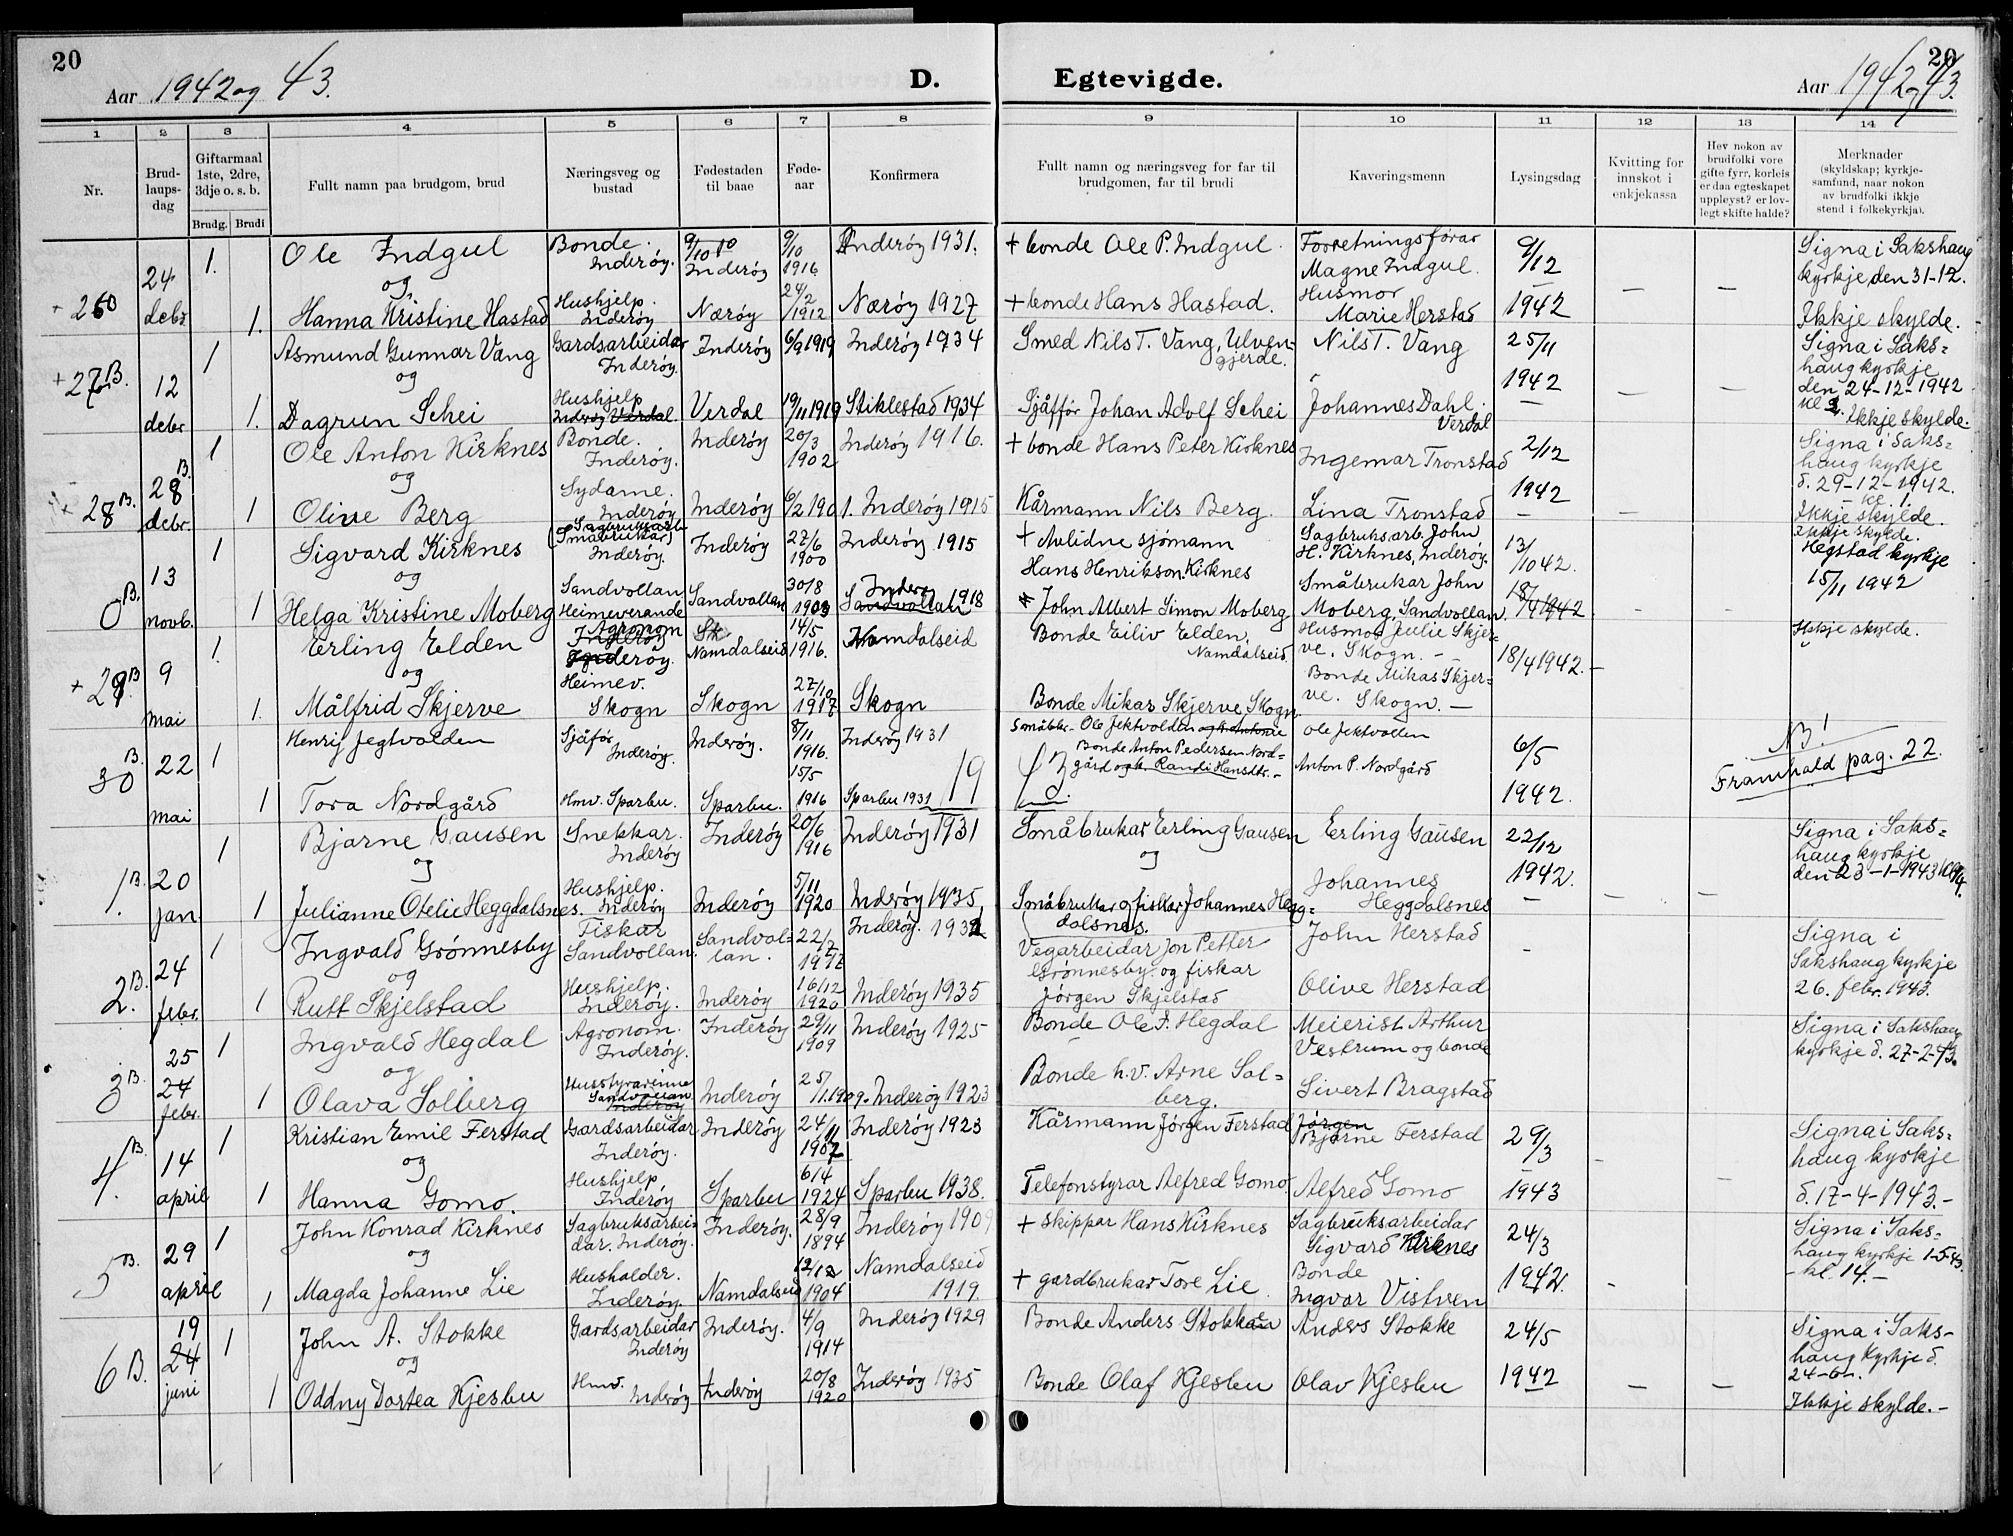 SAT, Ministerialprotokoller, klokkerbøker og fødselsregistre - Nord-Trøndelag, 730/L0304: Klokkerbok nr. 730C07, 1934-1945, s. 20